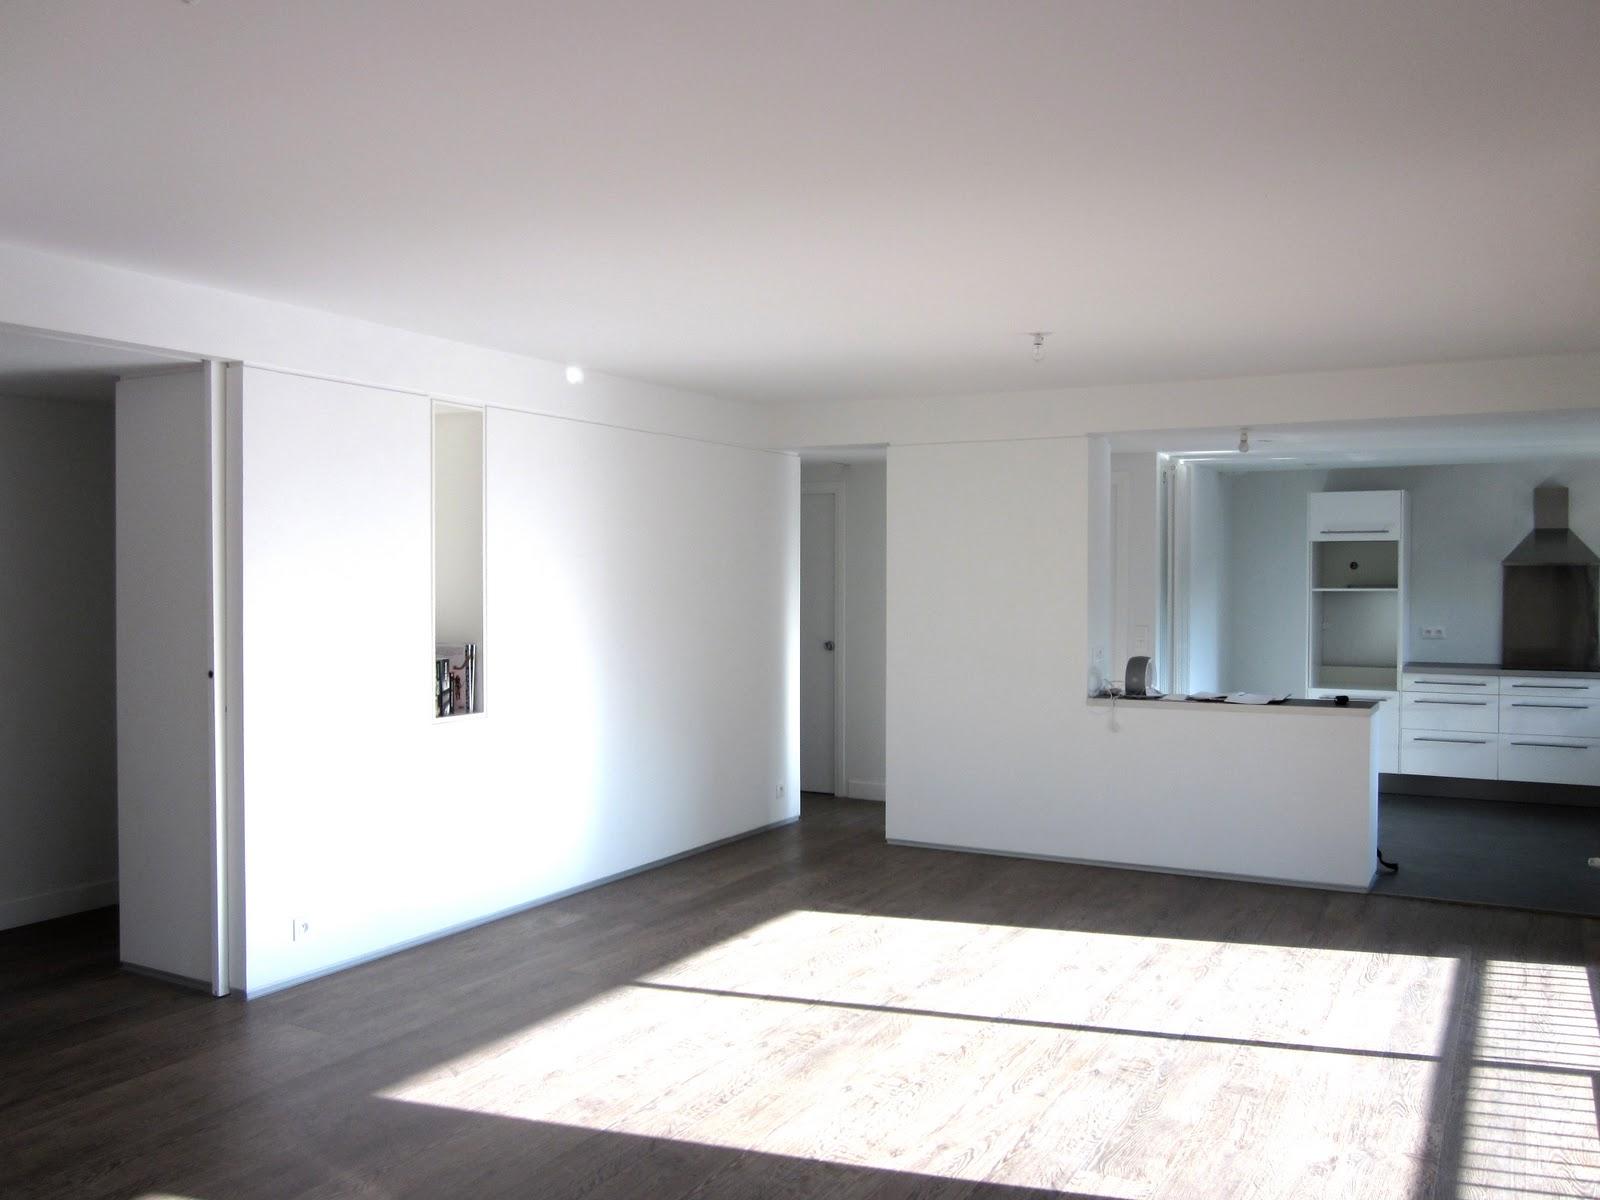 peindre mur en blanc deco peinture escalier bois. Black Bedroom Furniture Sets. Home Design Ideas